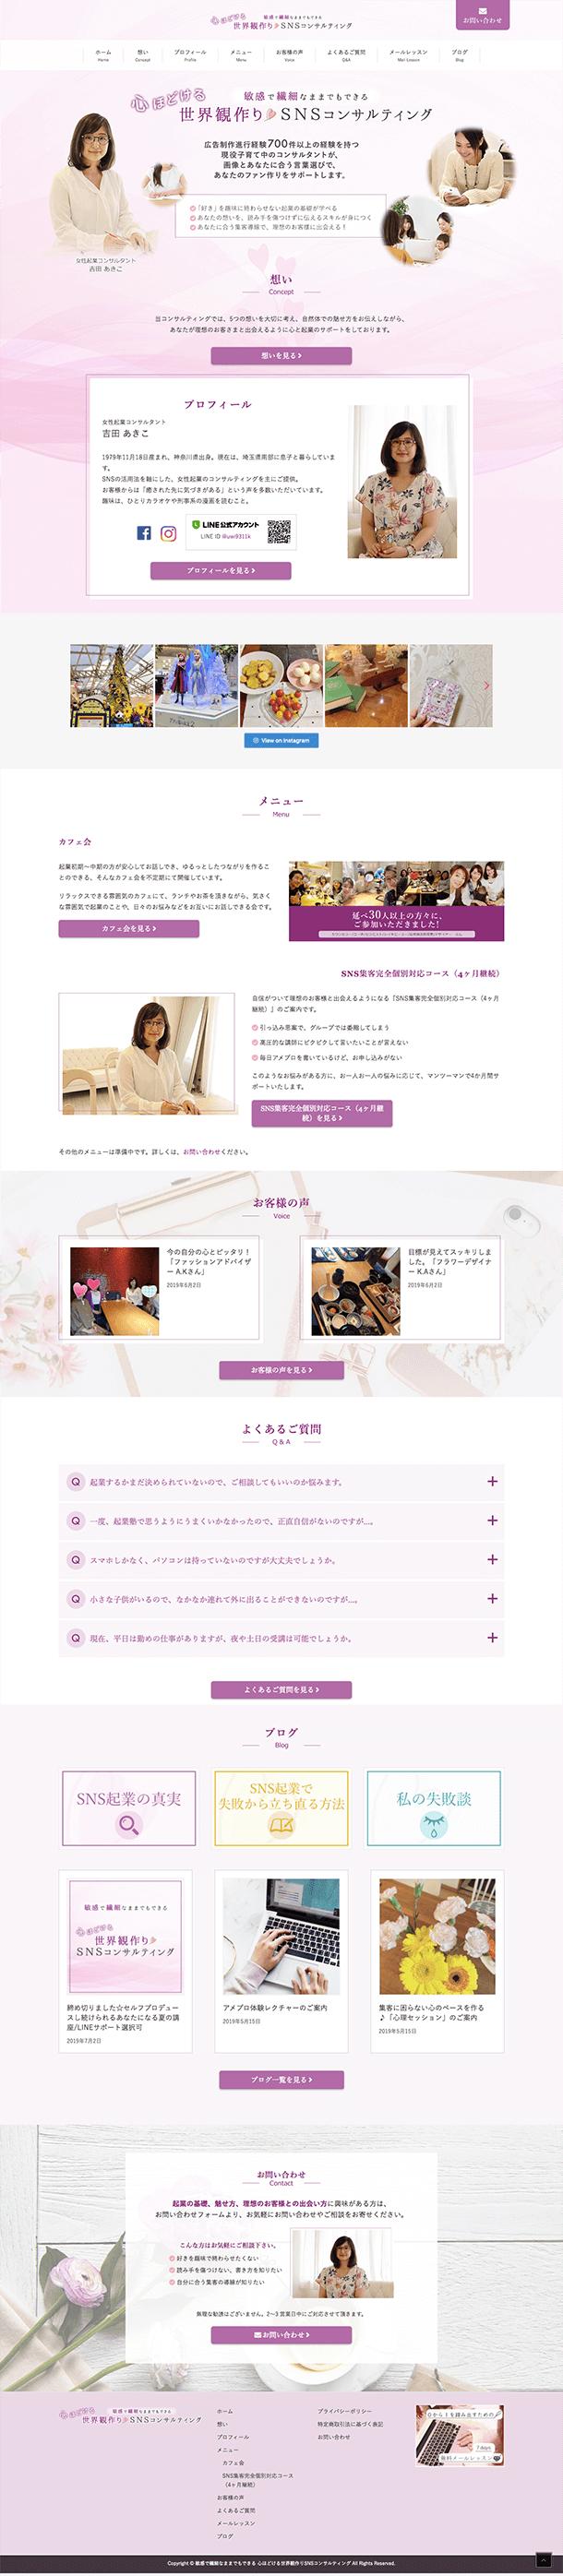 吉田あきこ様のWordPressサイトトップページ